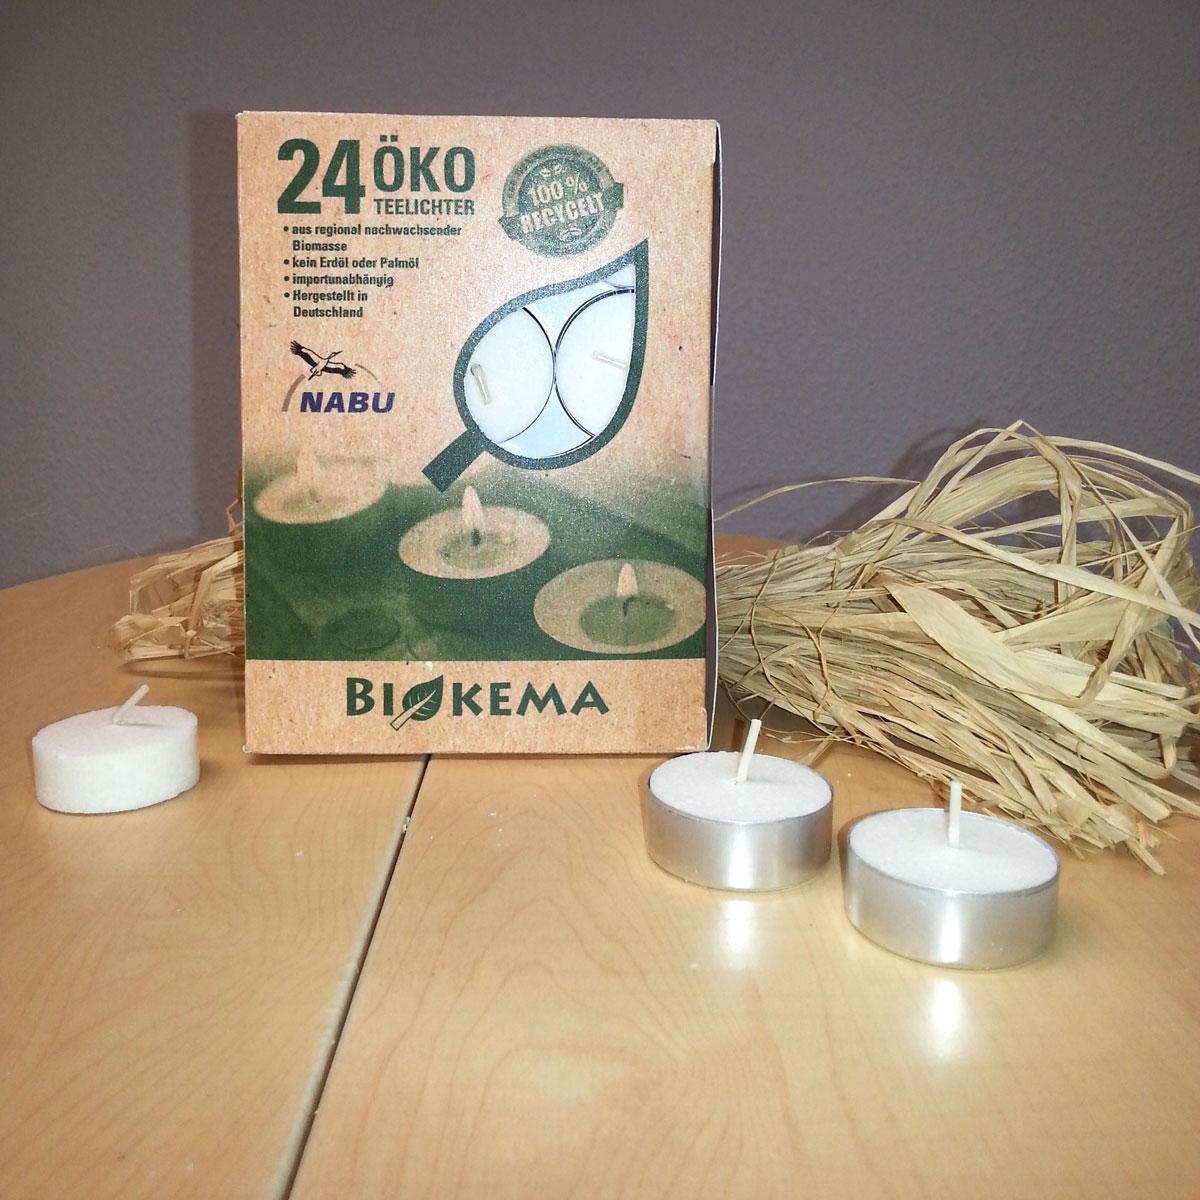 24er Pack Öko-Teelichter mit Aluhülle von BIOKEMA